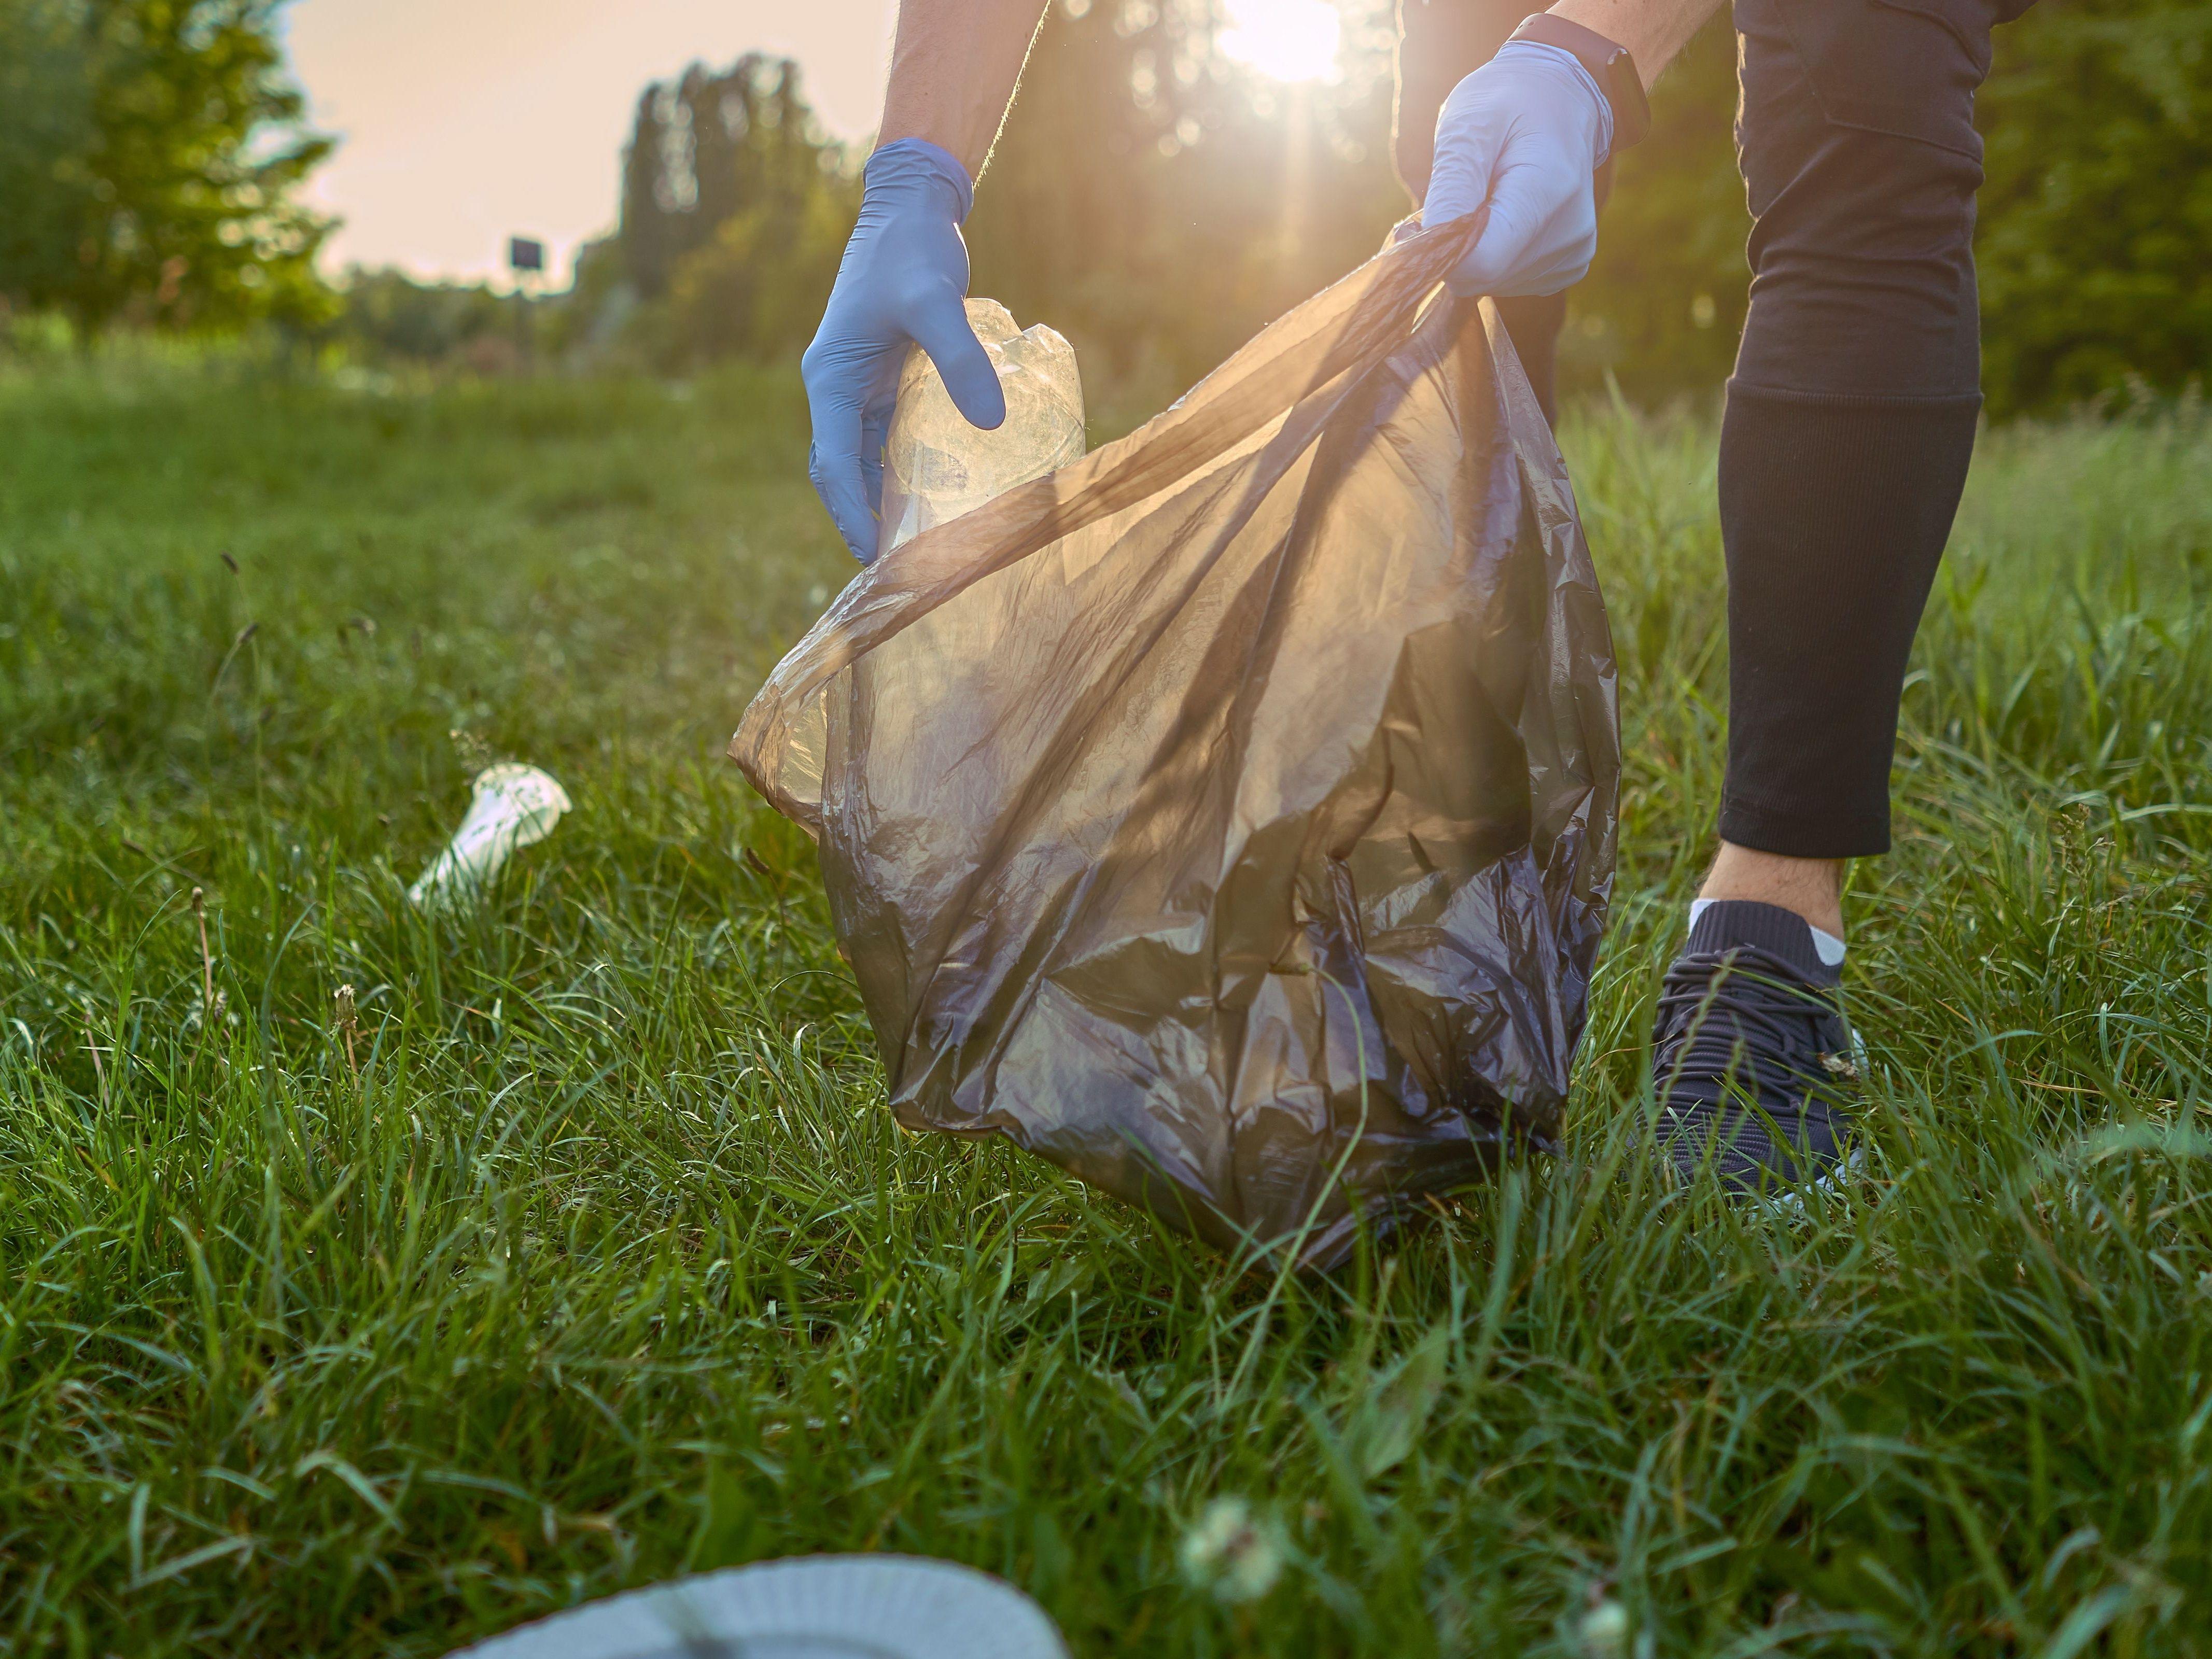 Spojujeme síly proti množícím se odpadkům v přírodě. V létě poběží kampaň Není zvěř jako zvěř 2021